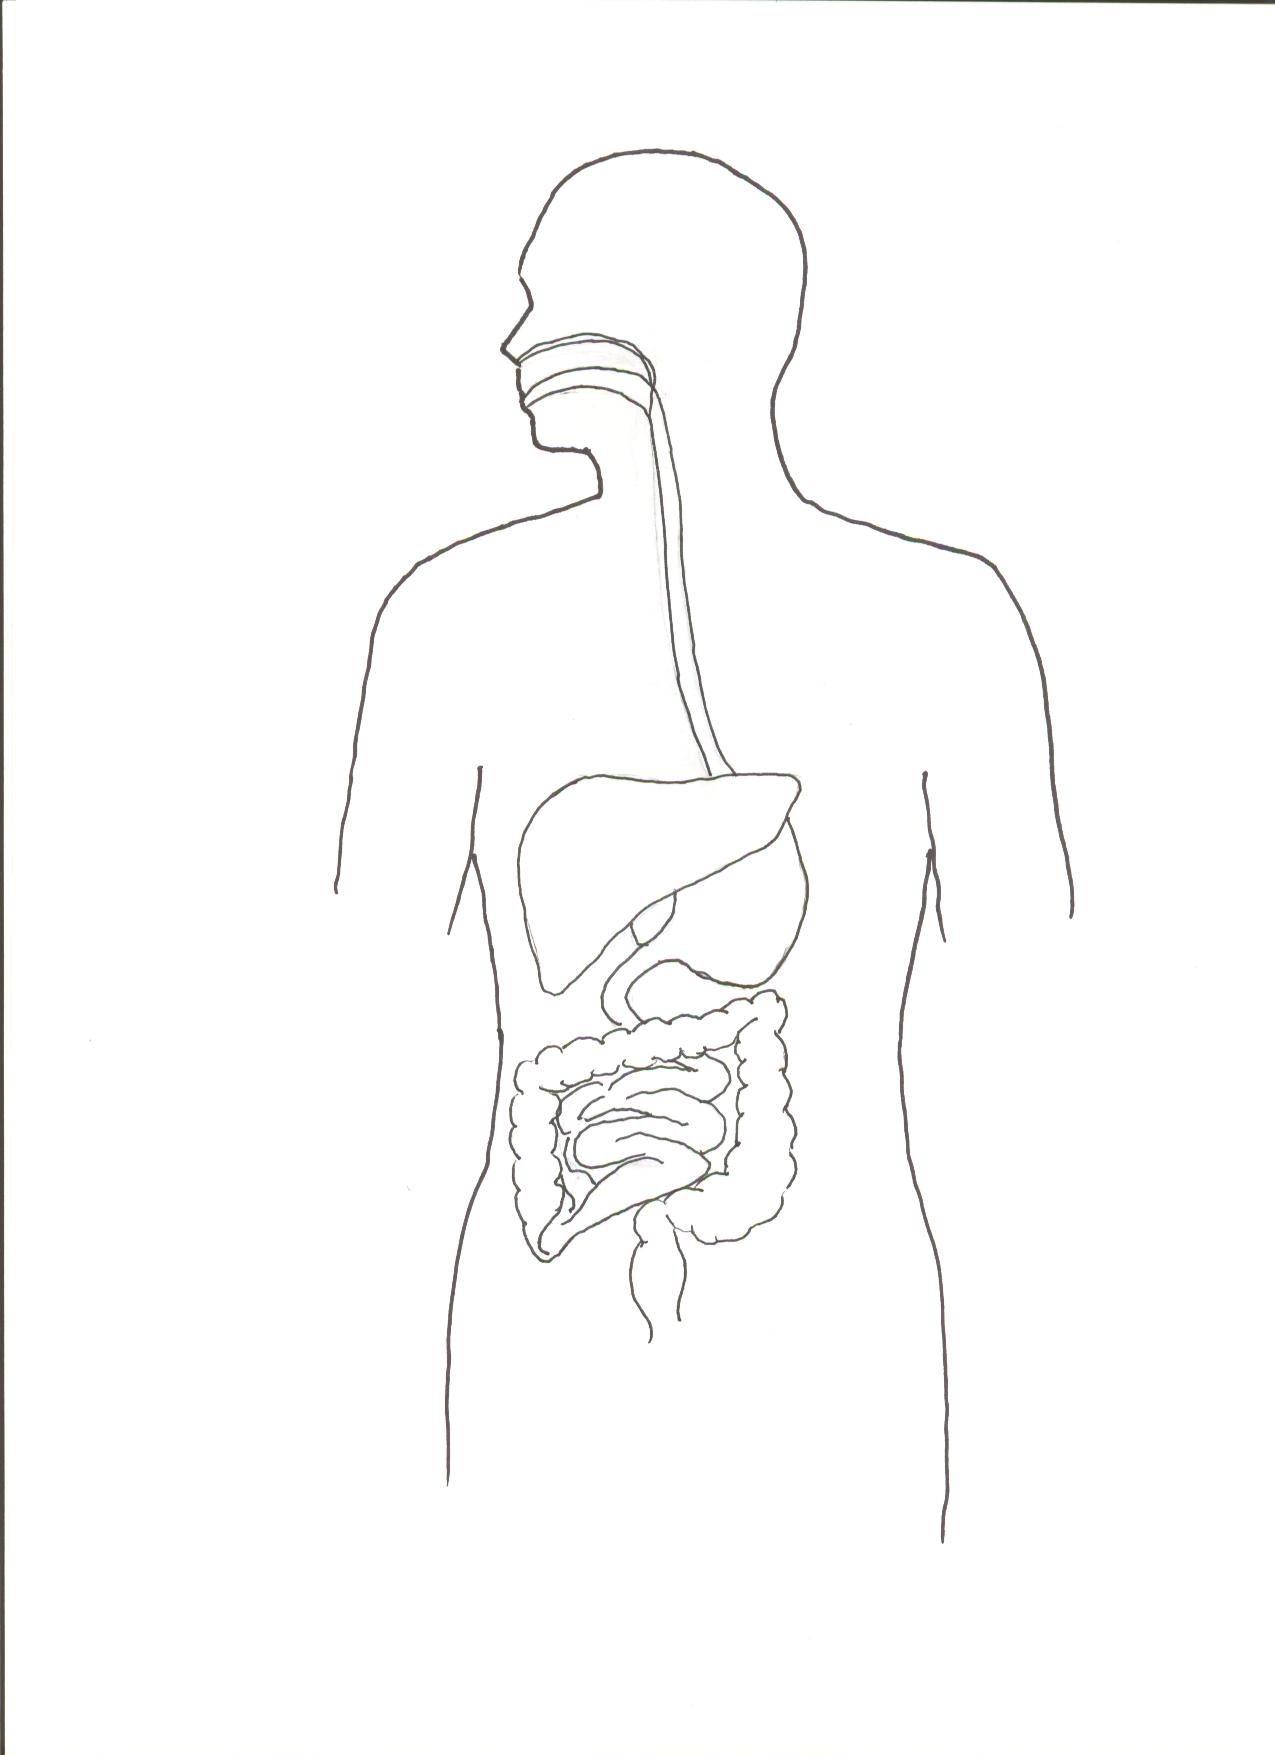 digestive system worksheet - Bing Images | Digestive ...